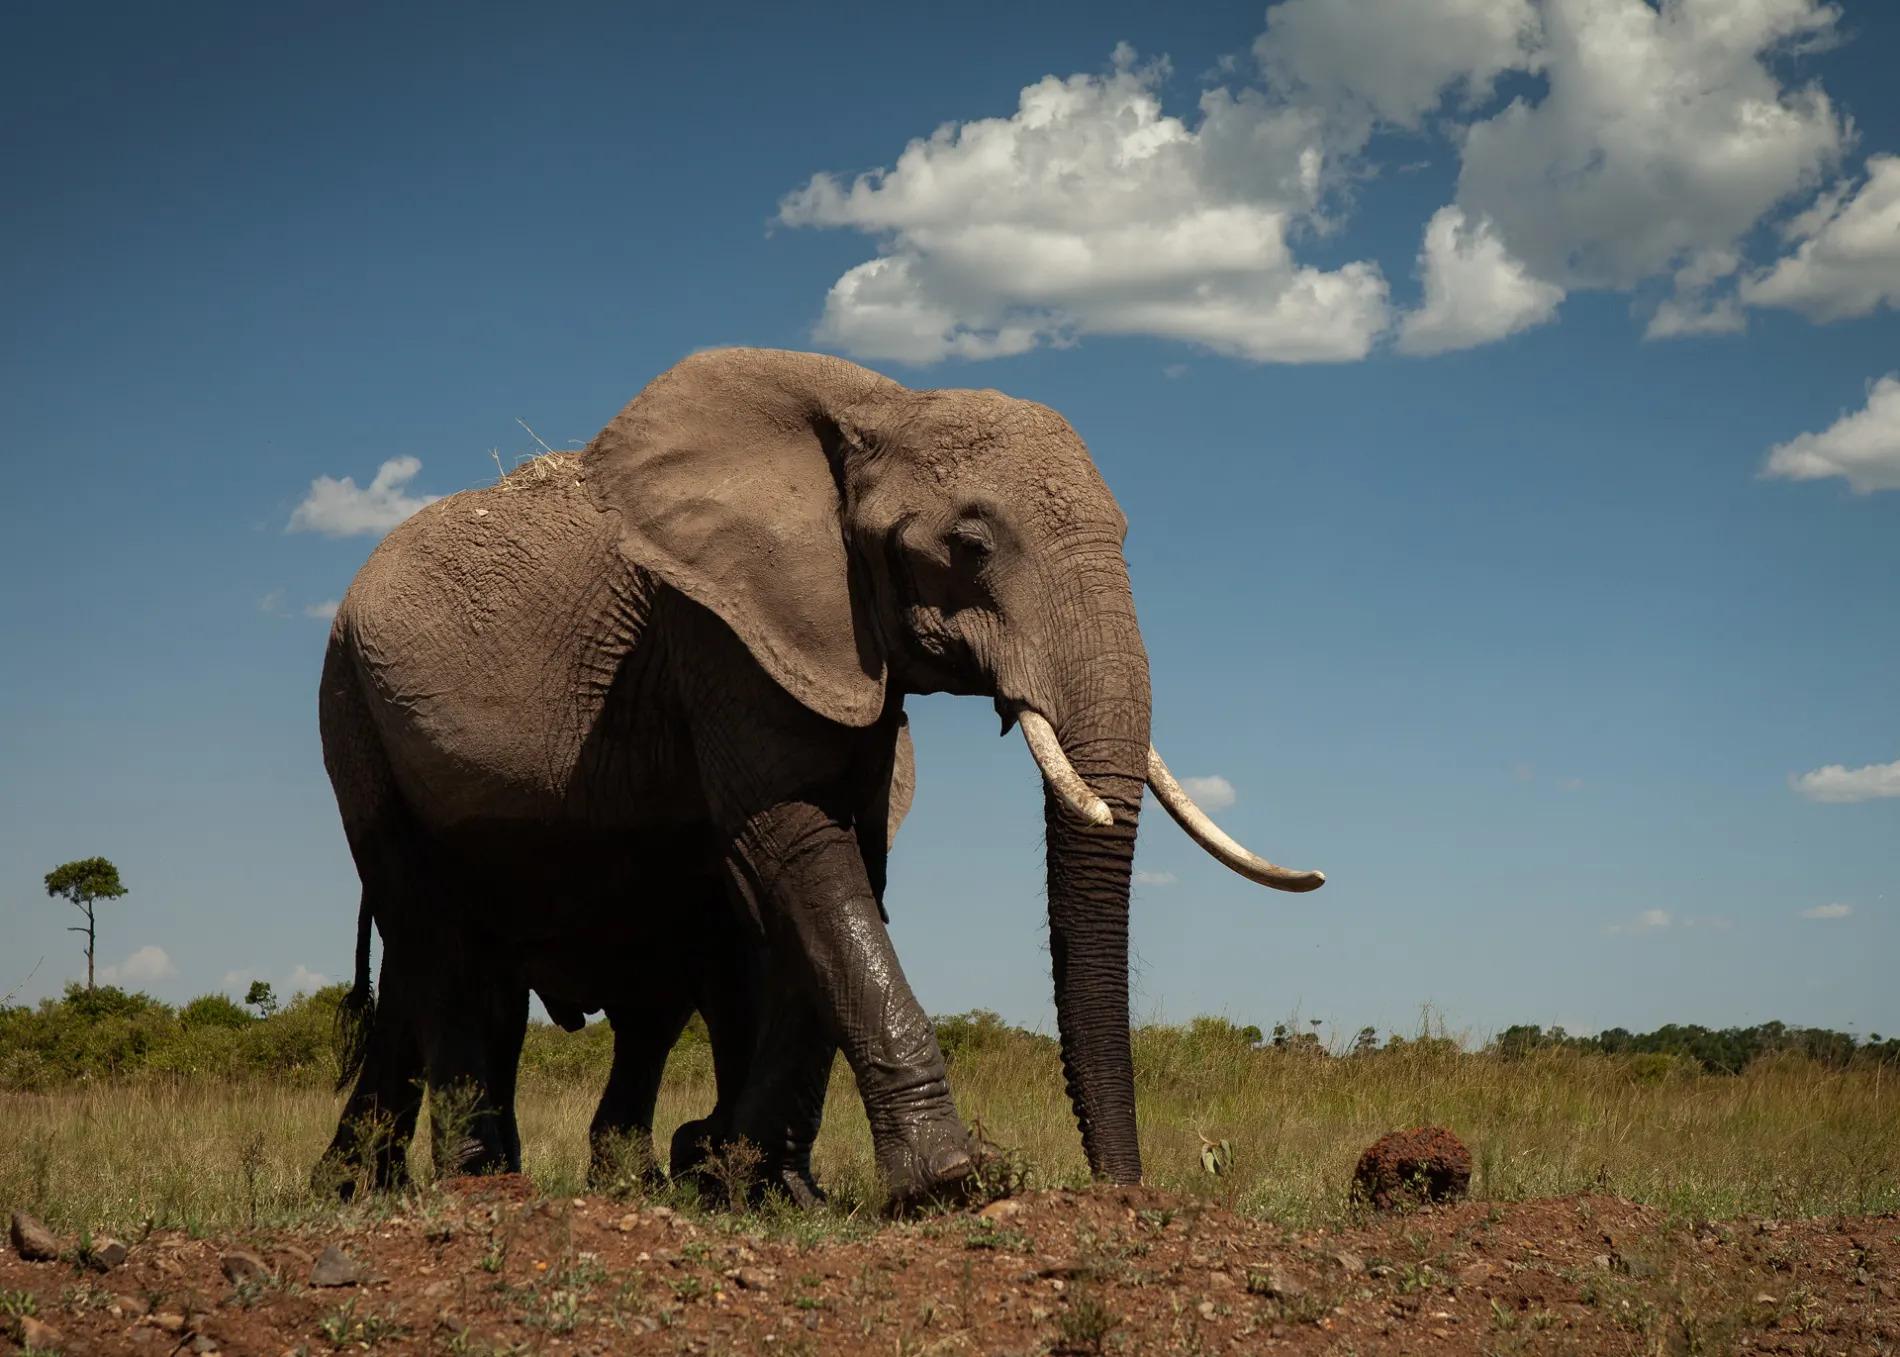 Elephant low angle